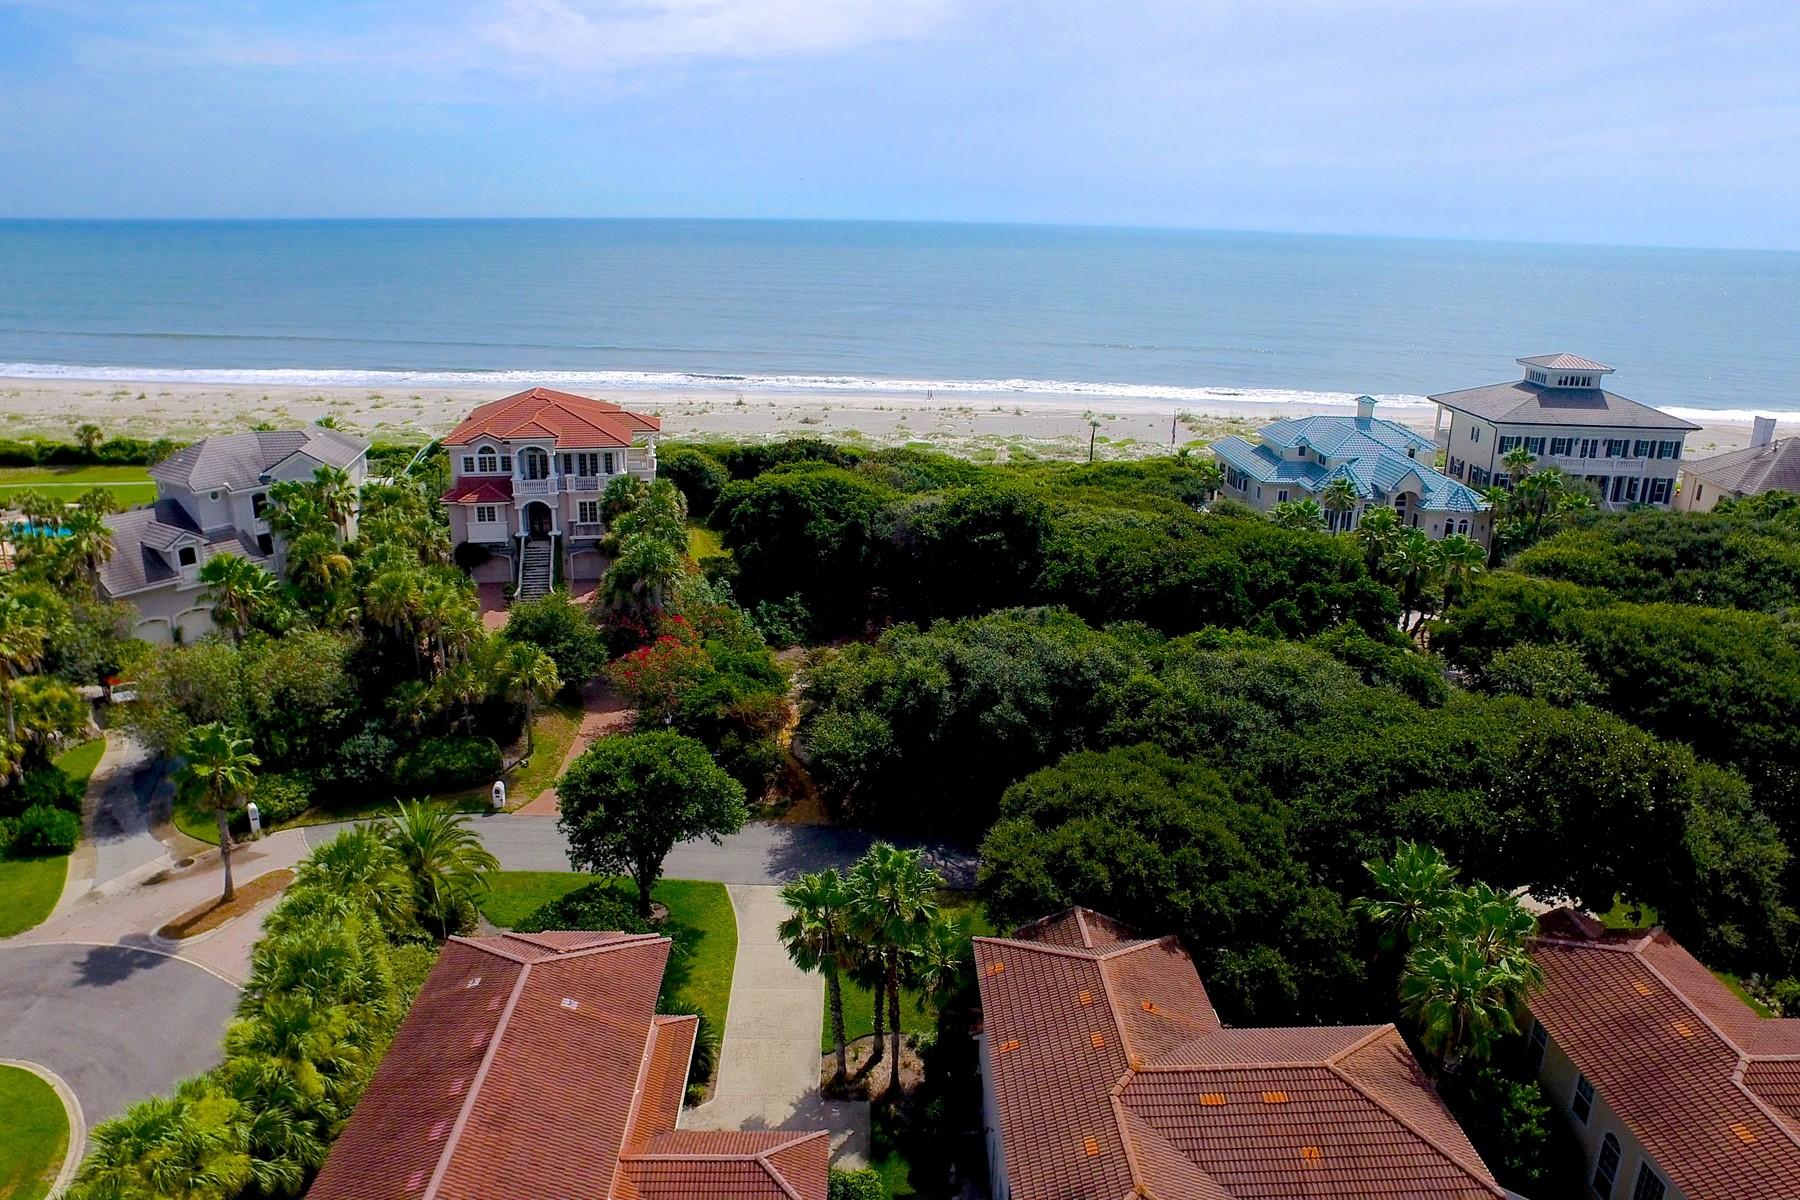 Terreno para Venda às Residence Ct Lots 10 & 11 Amelia Island, Florida, 32034 Estados Unidos